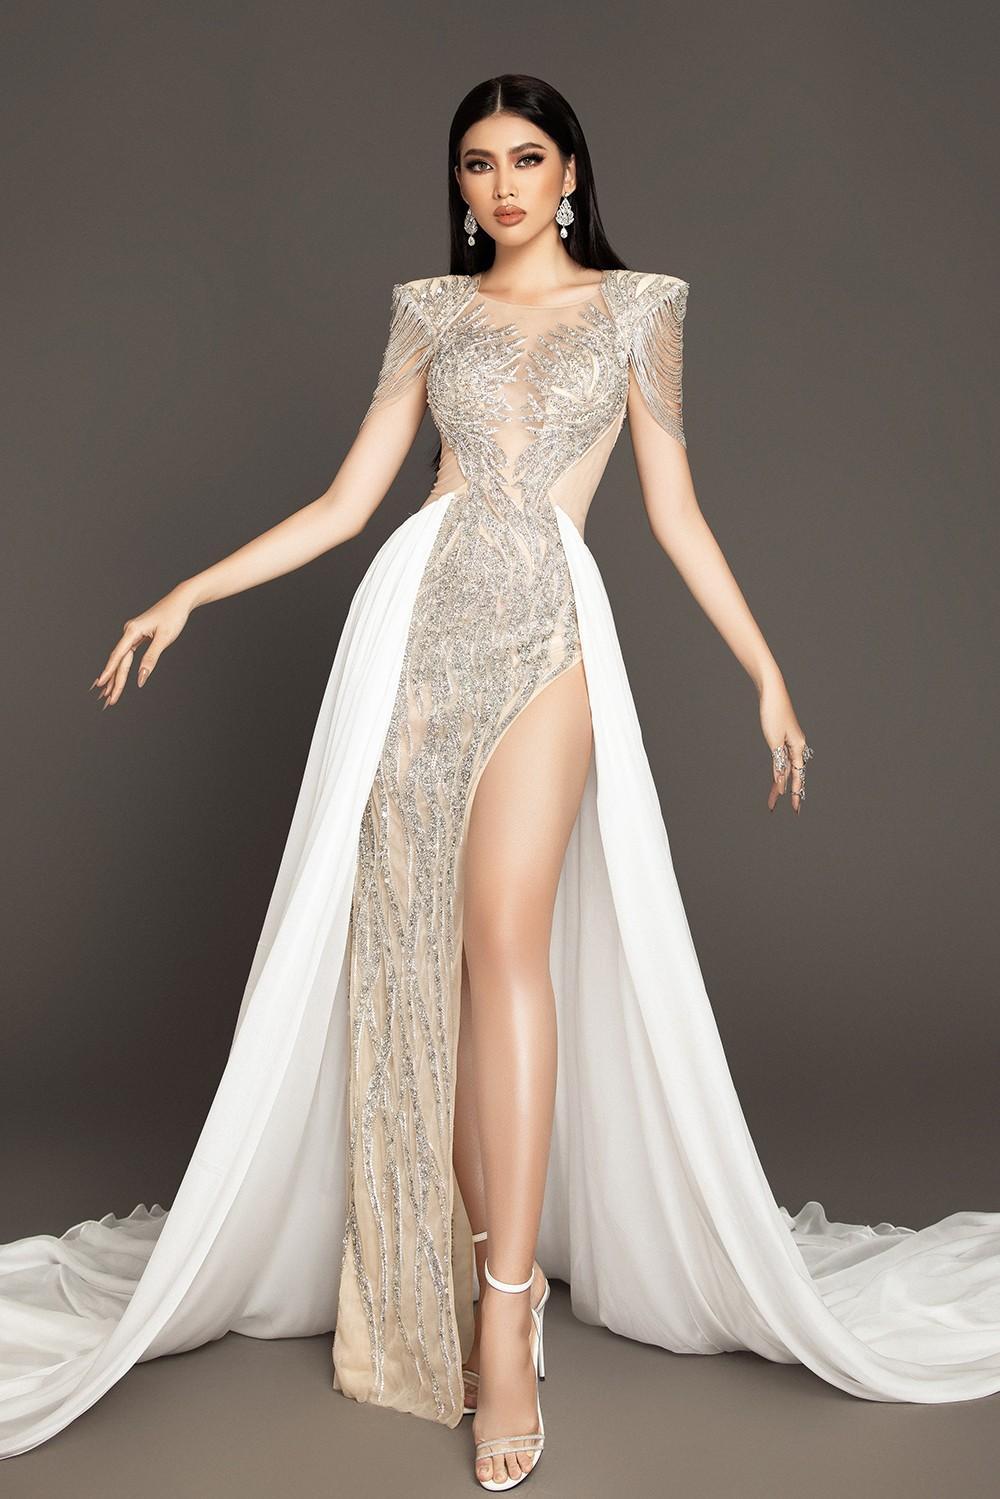 Lộ diện váy dạ hội mang thông điệp hòa bình của Ngọc Thảo tại bán kết Miss Grand ảnh 3